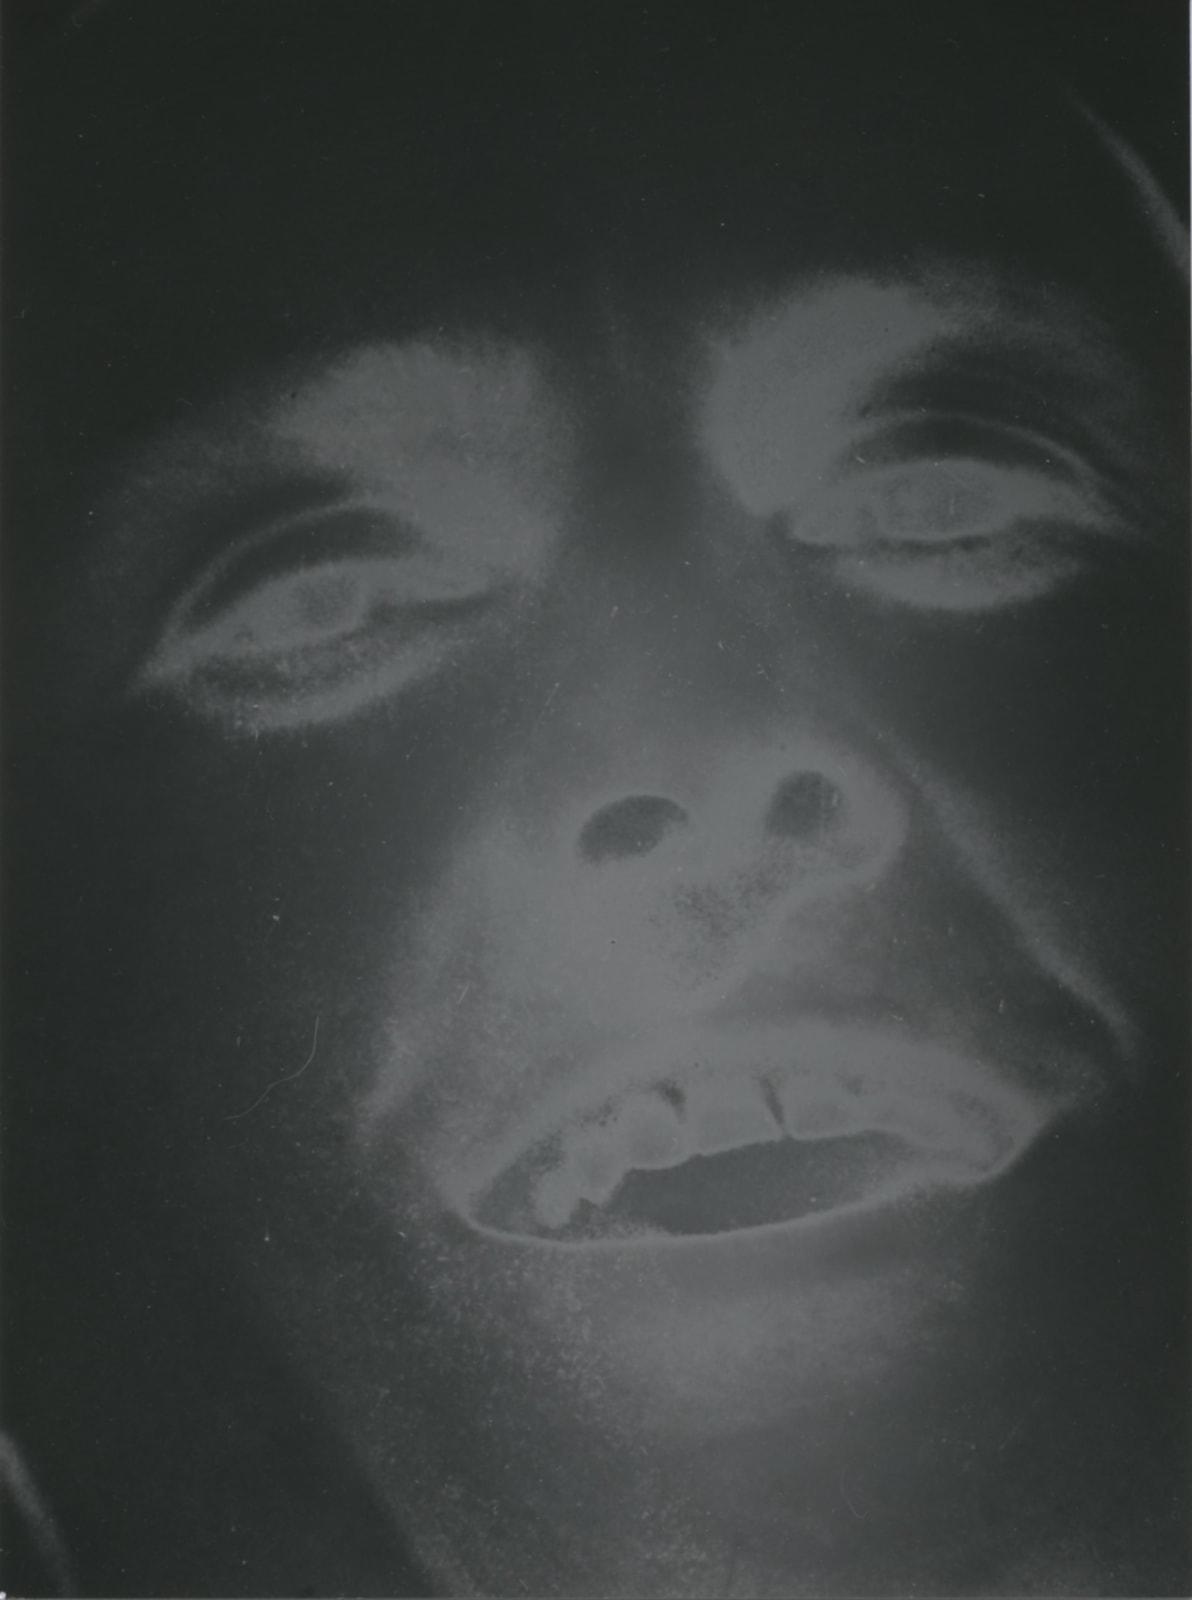 Jean Moral, Portrait négatif, c. 1928